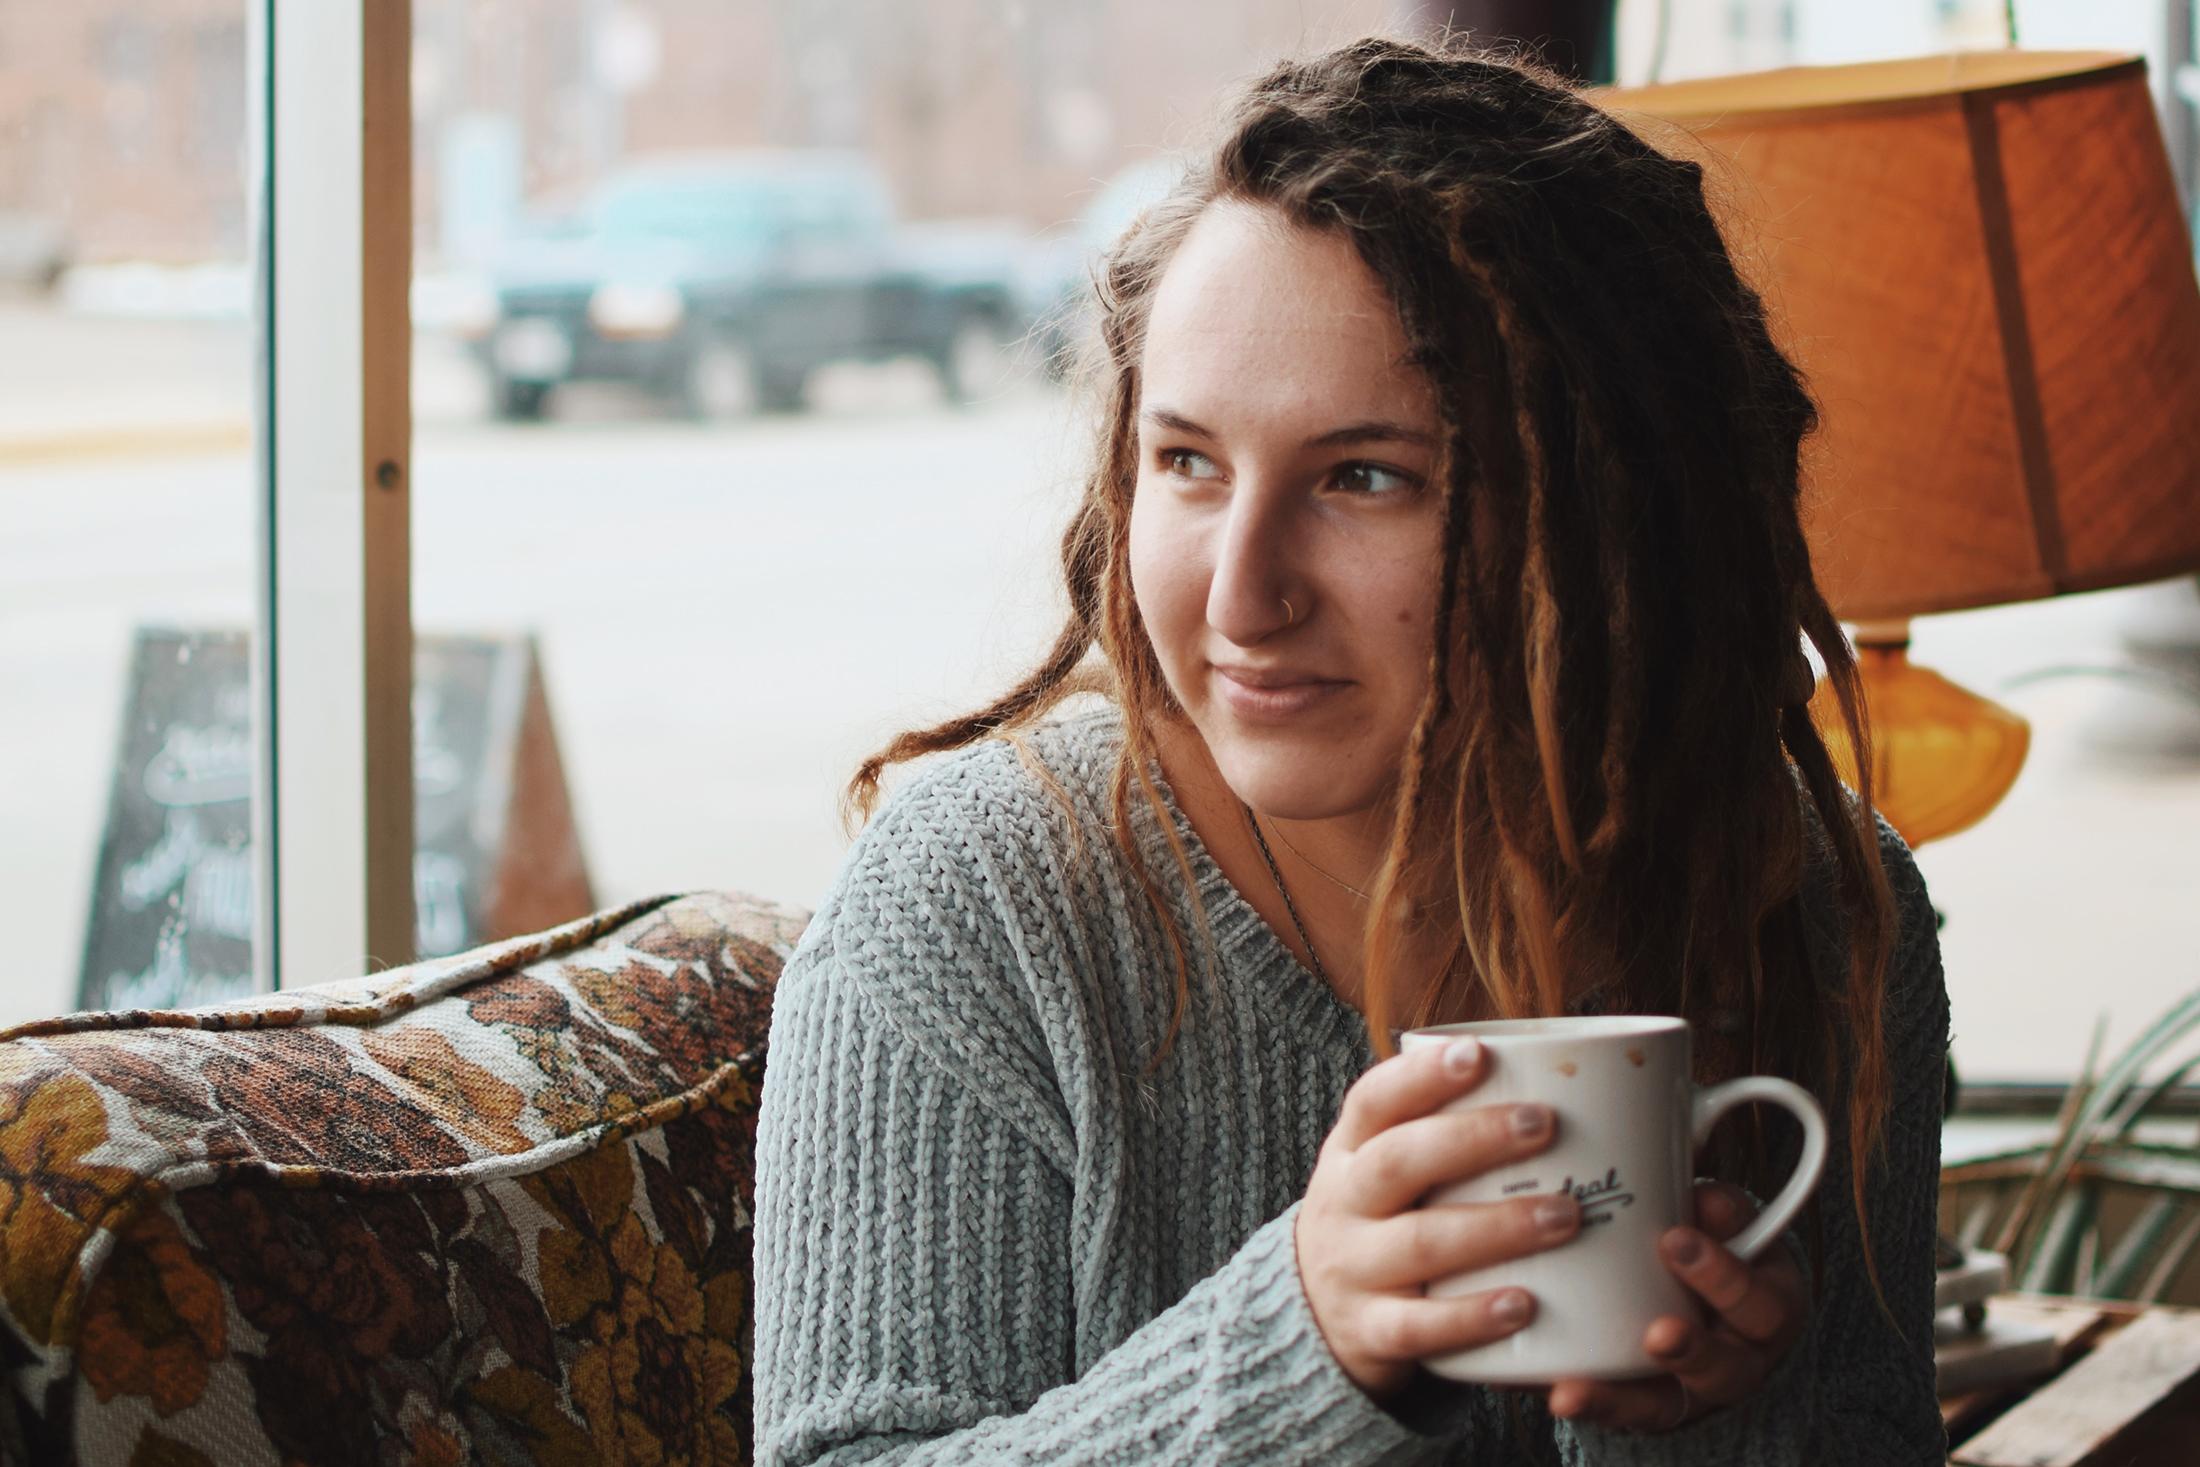 Menomonie Market Owner & Zero Waste Expert, Hannah Gullixson